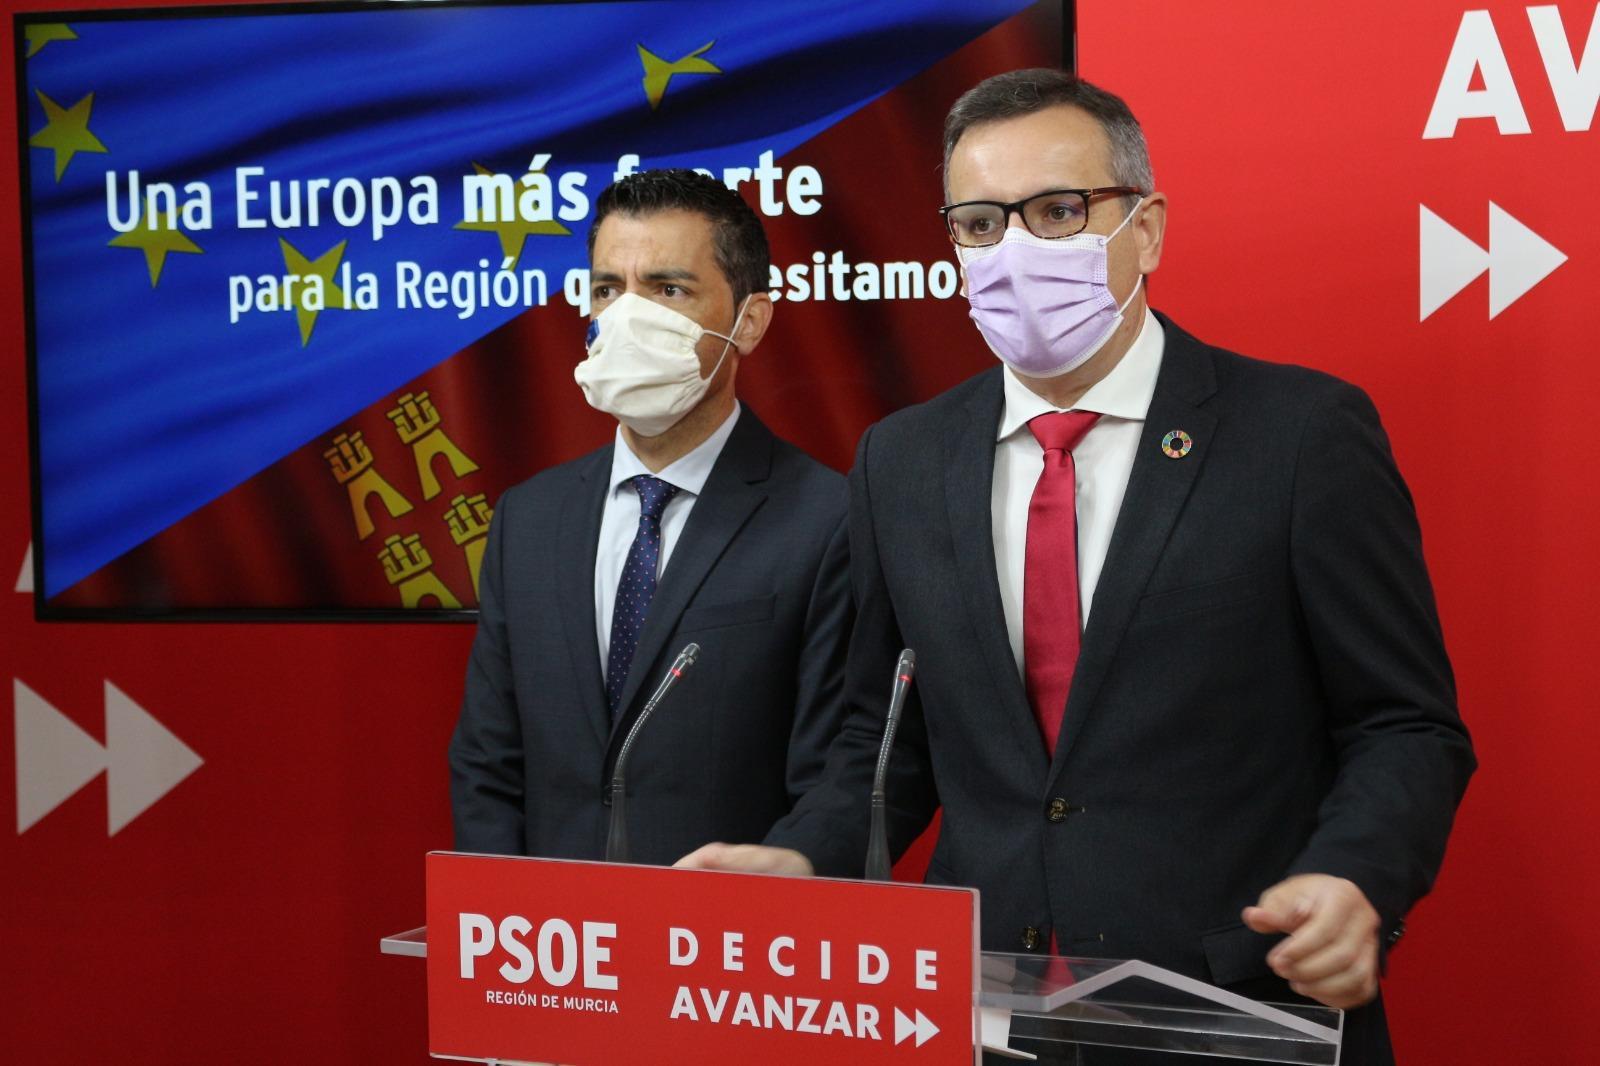 El PSOE vuelve a instar al Gobierno regional a consensuar los proyectos de Región que optarán a los fondos europeos